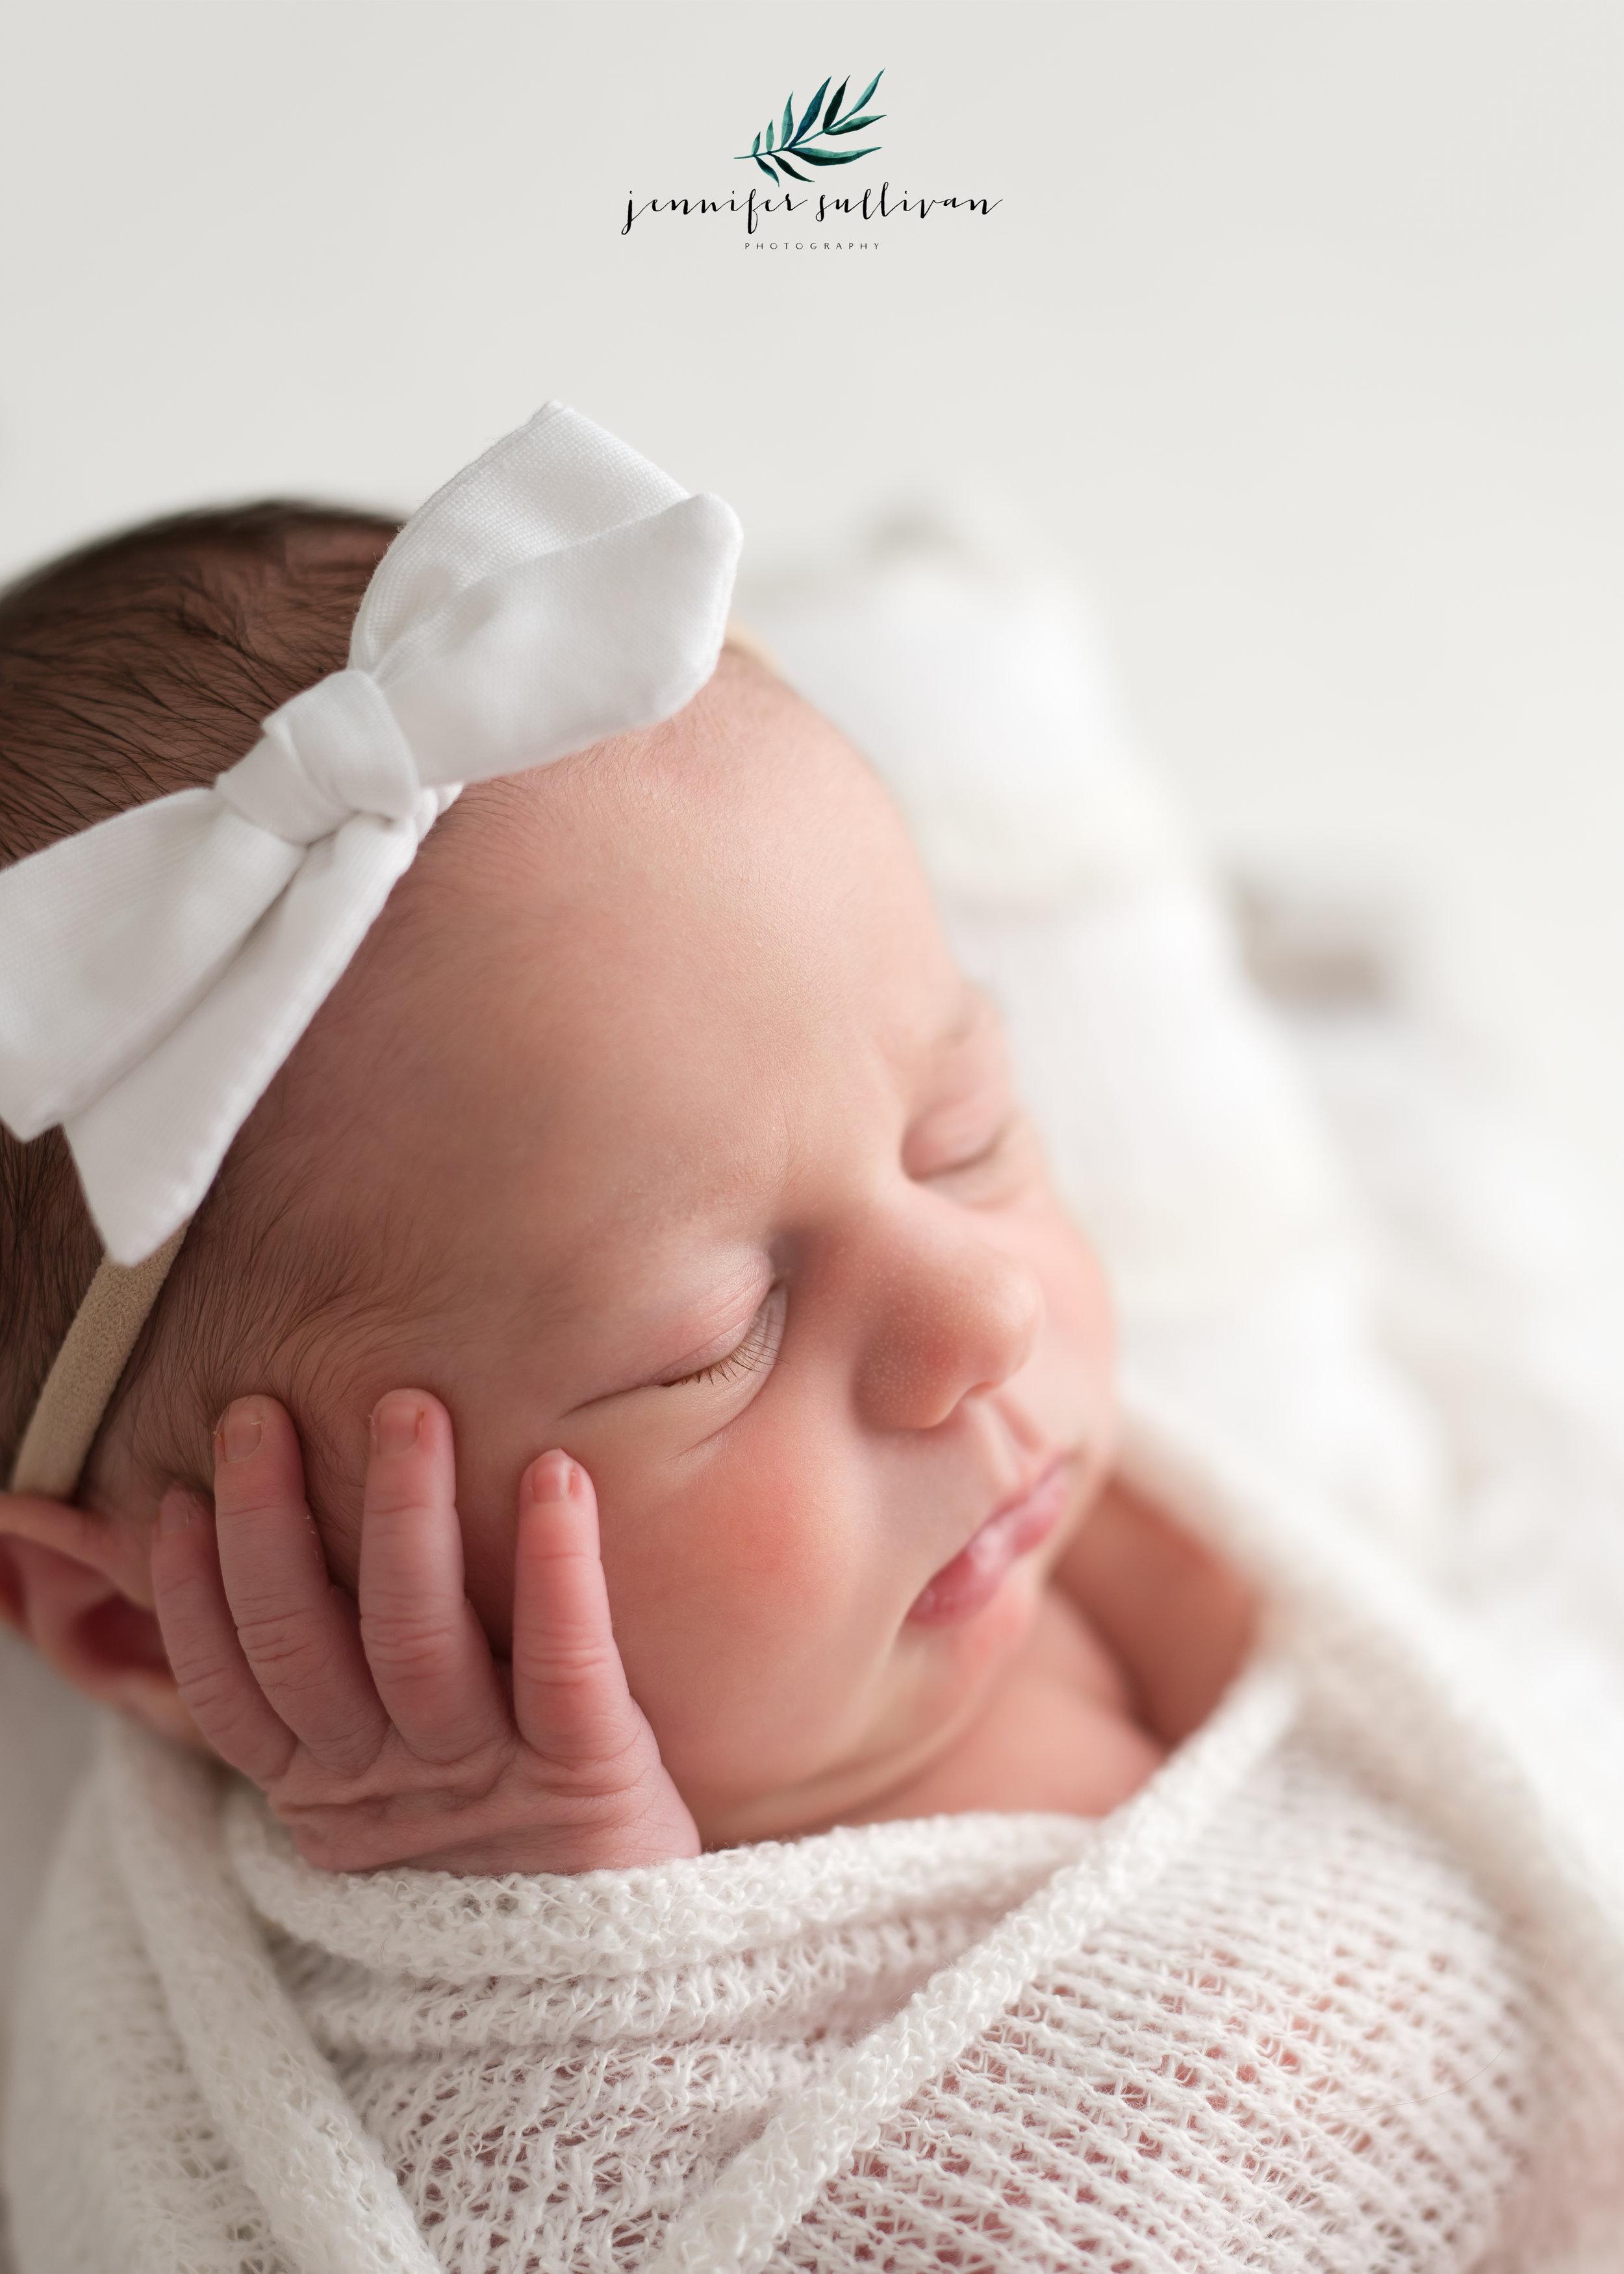 DARTMOUTH_Massachusetts_newborn_PHOTOGRAPHER-400-14.jpg